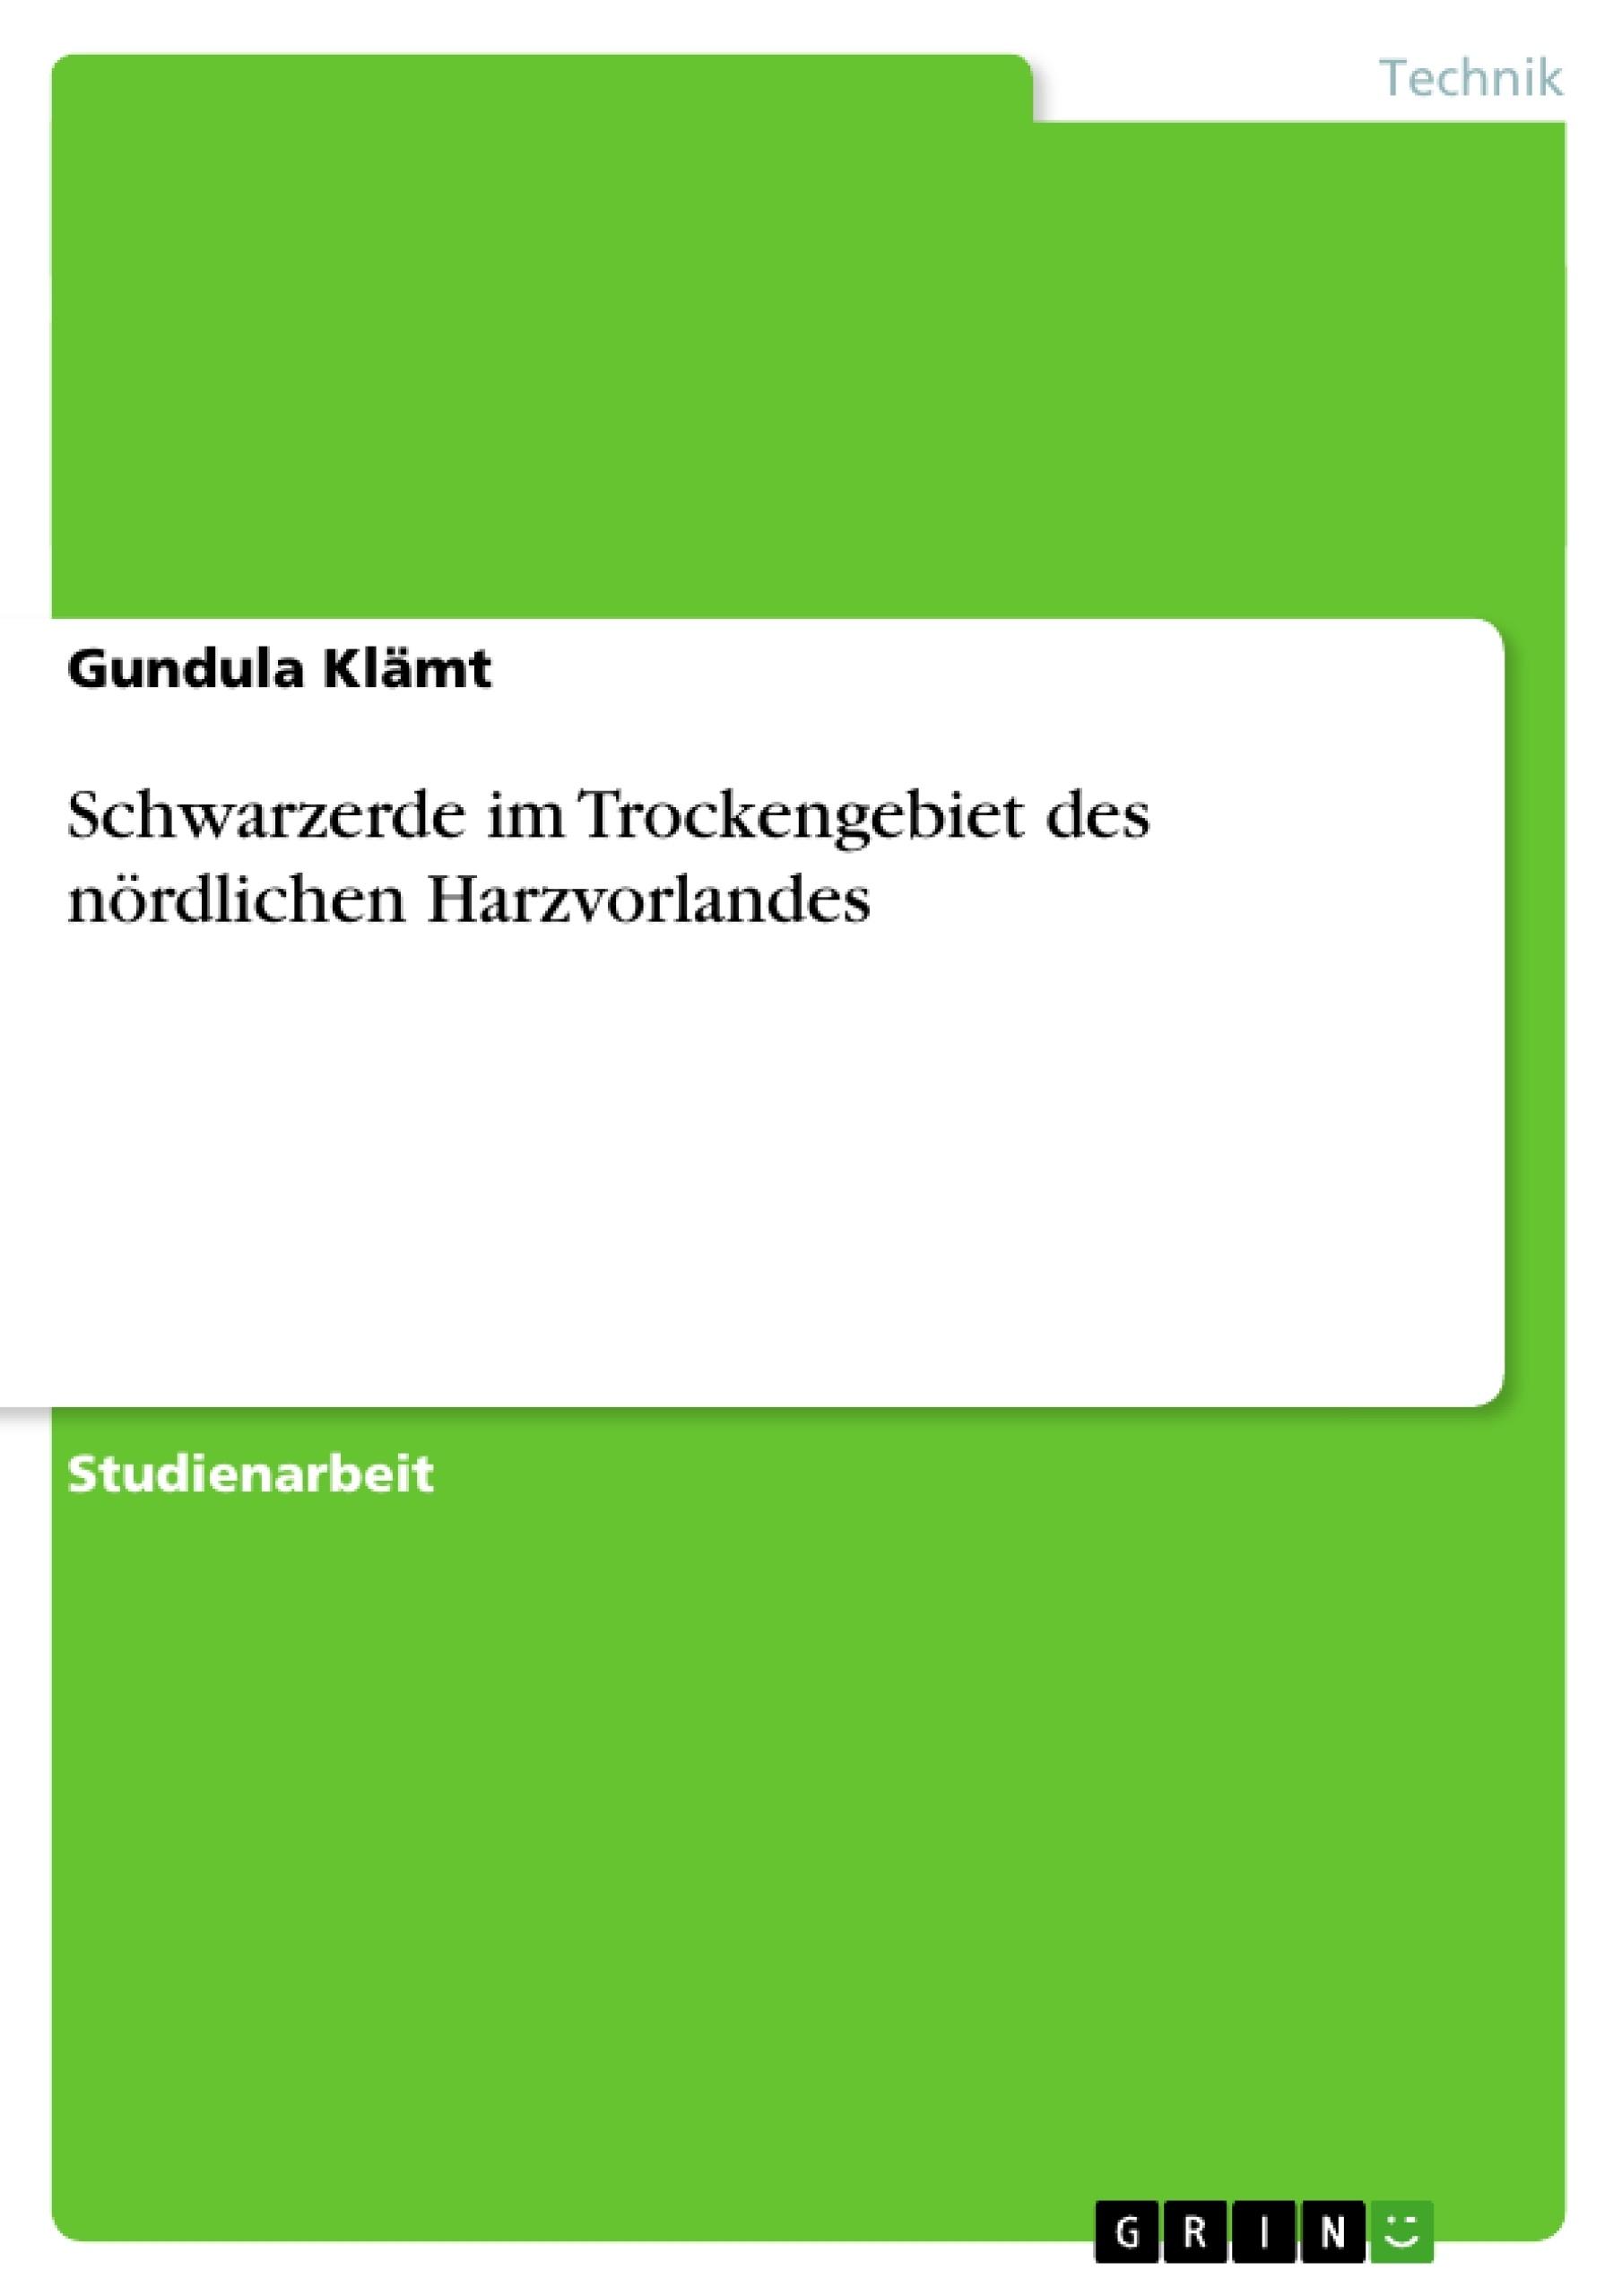 Titel: Schwarzerde im Trockengebiet des nördlichen Harzvorlandes